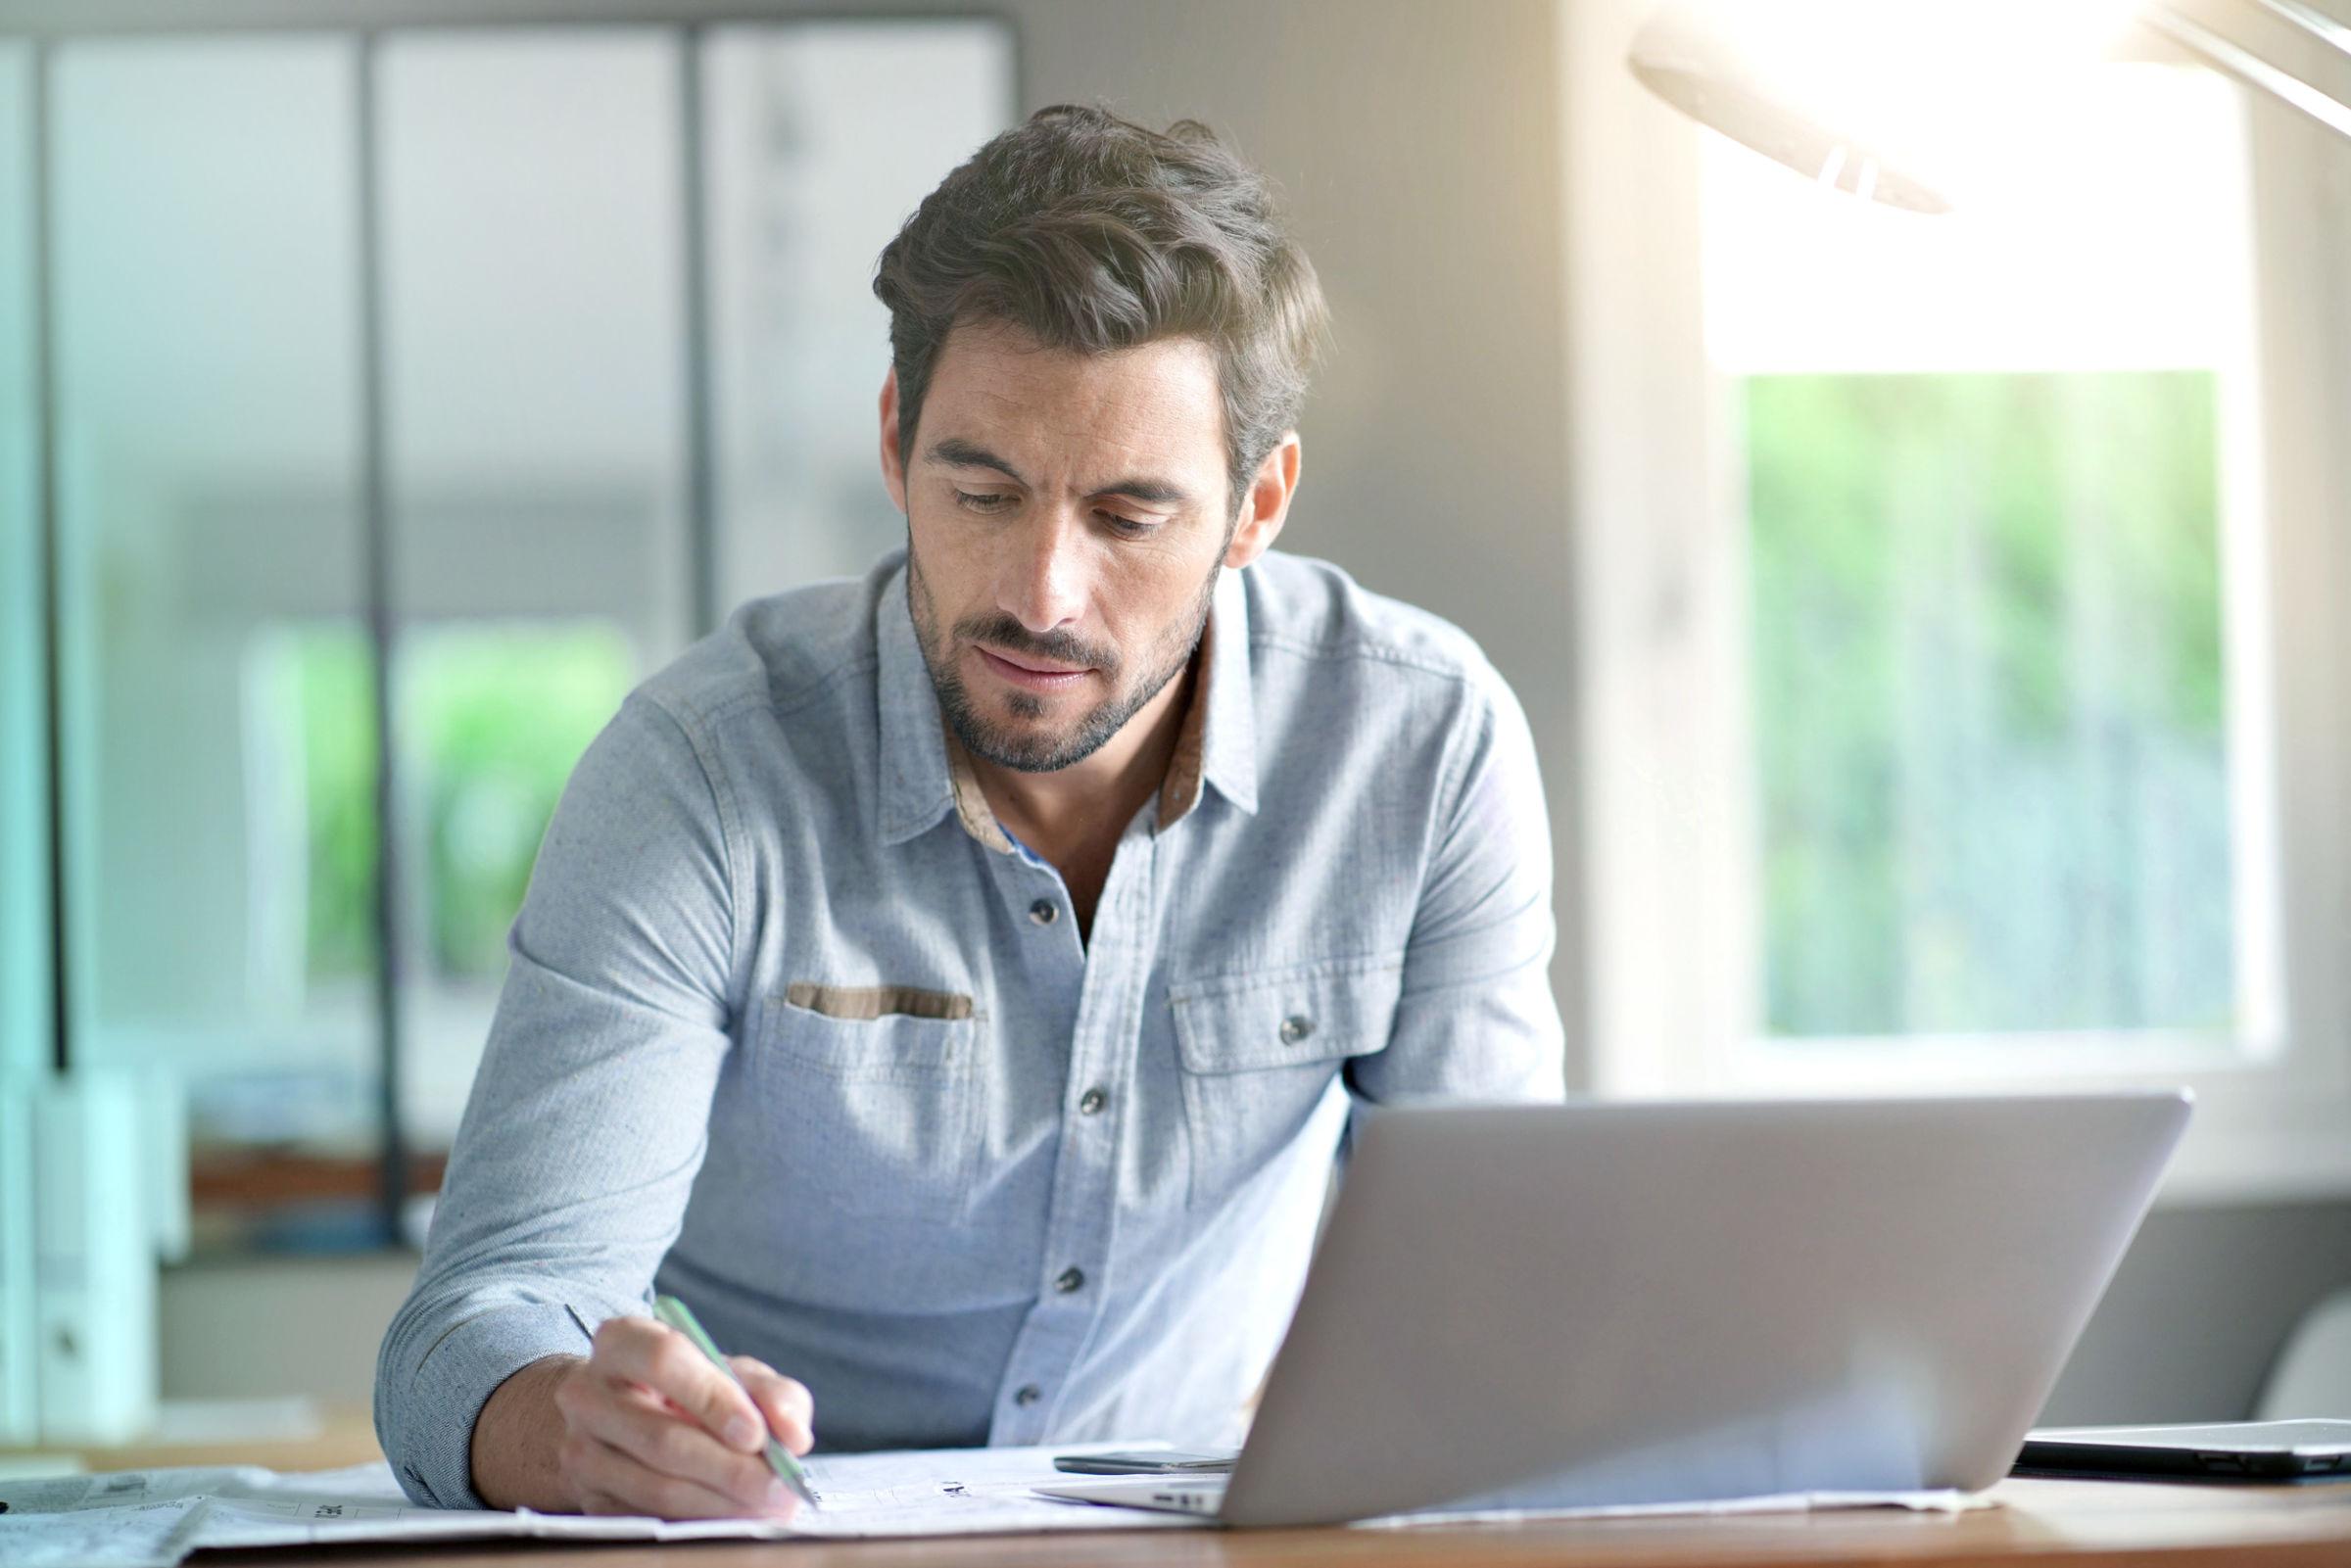 Opening een effectenrekening via LYNX en volg de optiewebinars & live trading sessies